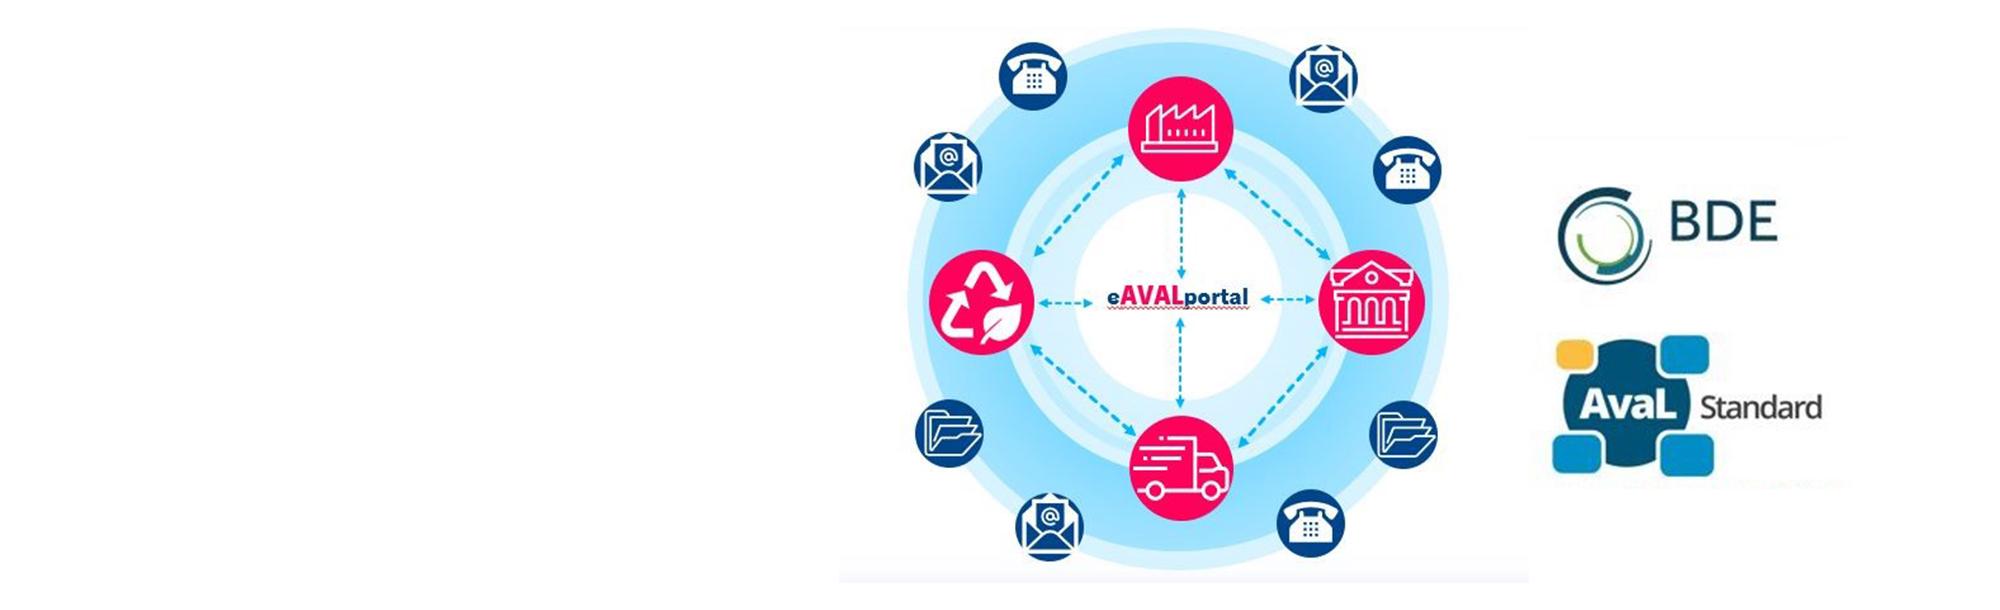 eAVALportal - Das öffentliche Auftragsdatenportal für die Entsorgungsbranche